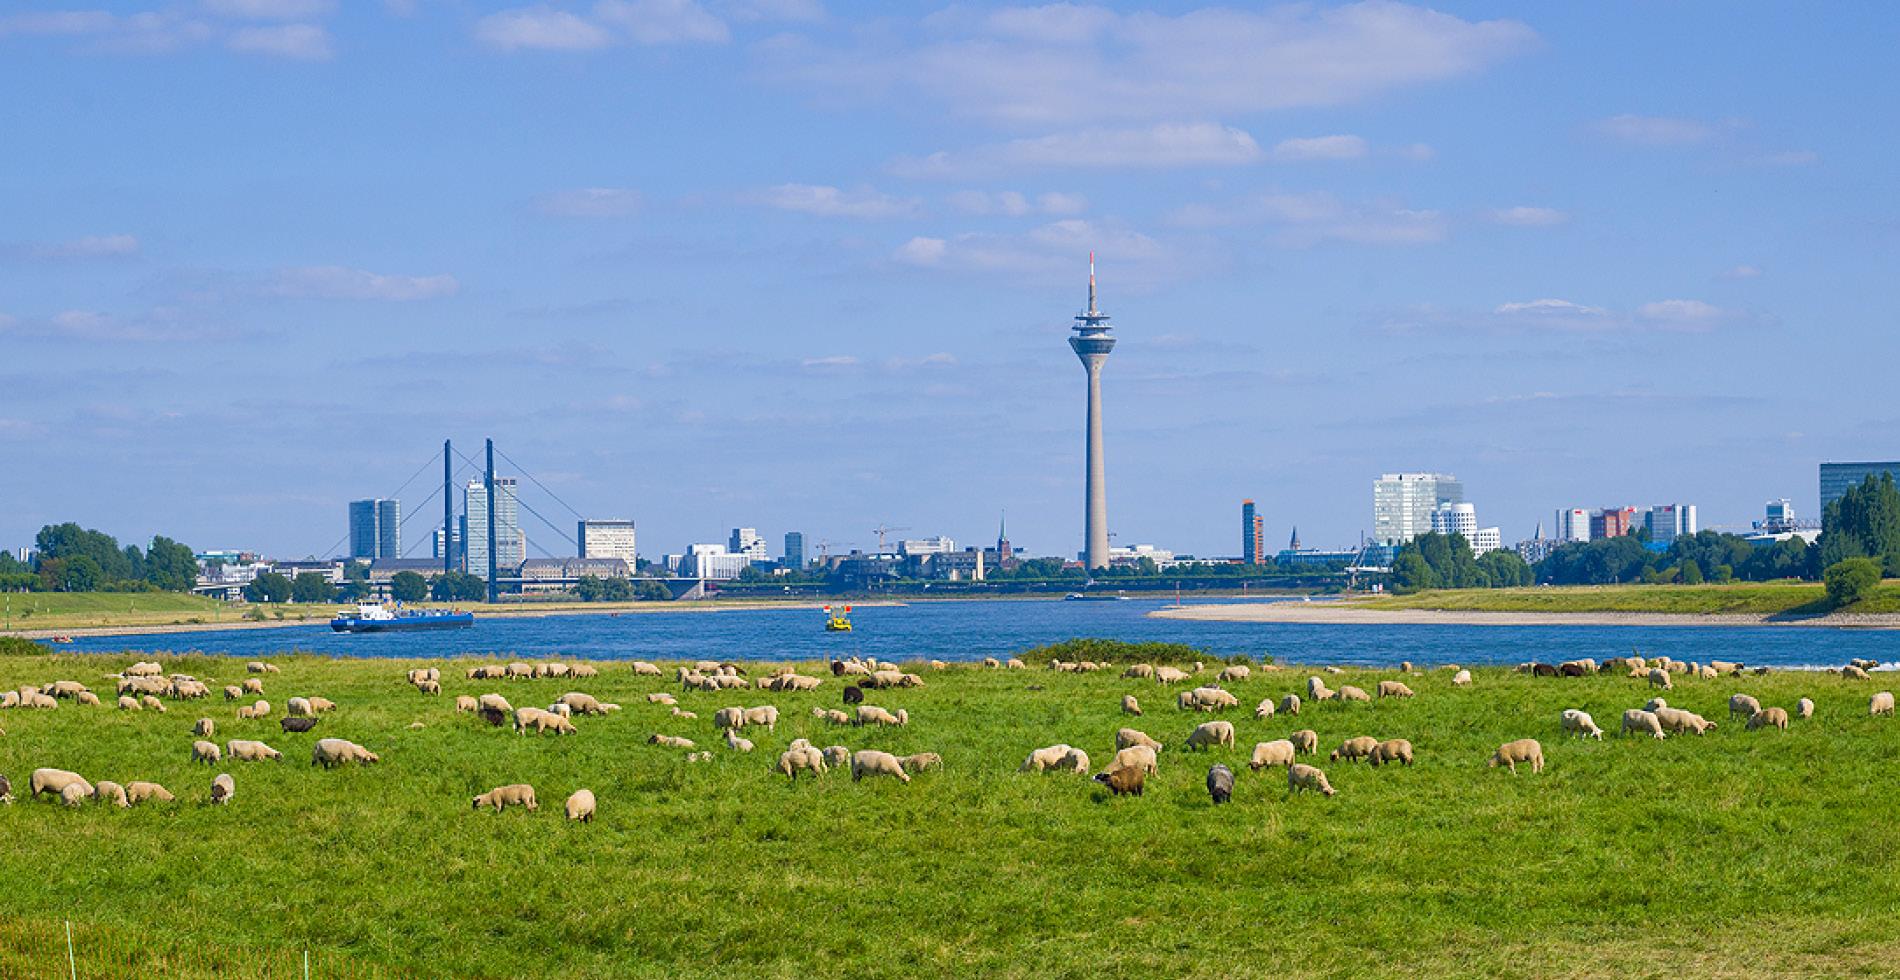 Standort für das Standortmarketingkonzept für das Wohnquartier Rhein VII in Düsseldorf